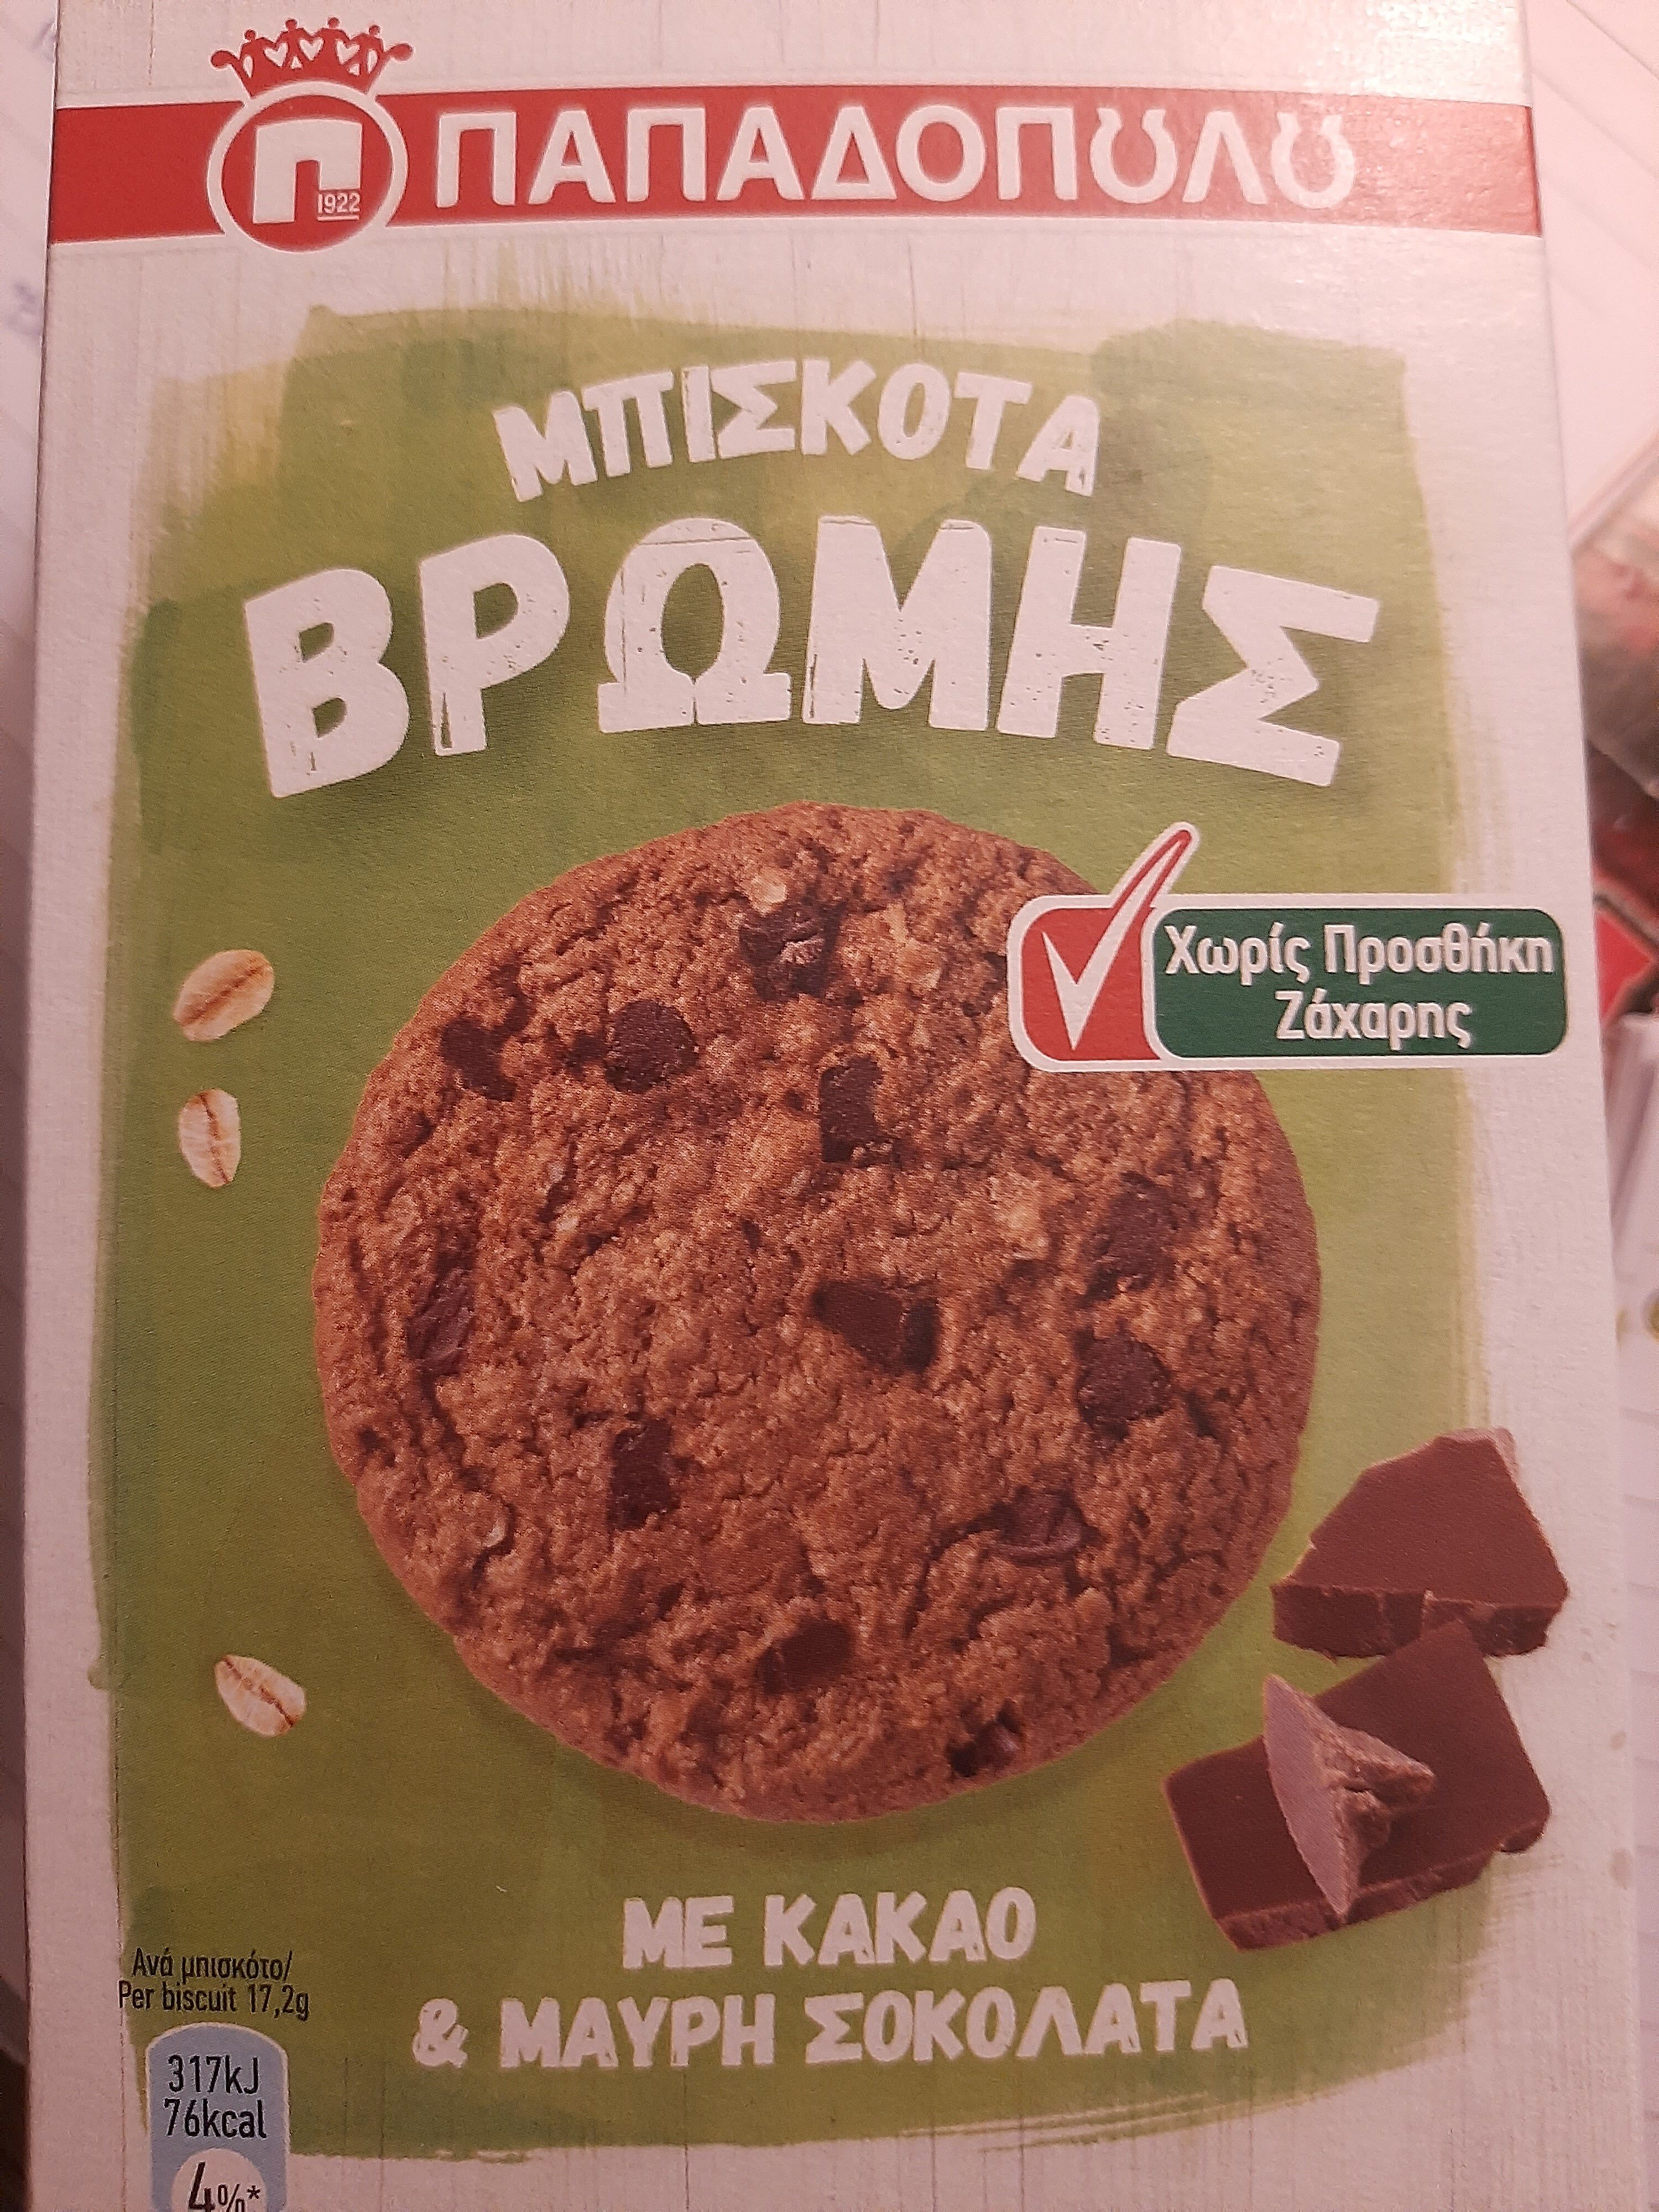 Μπισκοτα βρωμης με σοκολατα - Produit - el